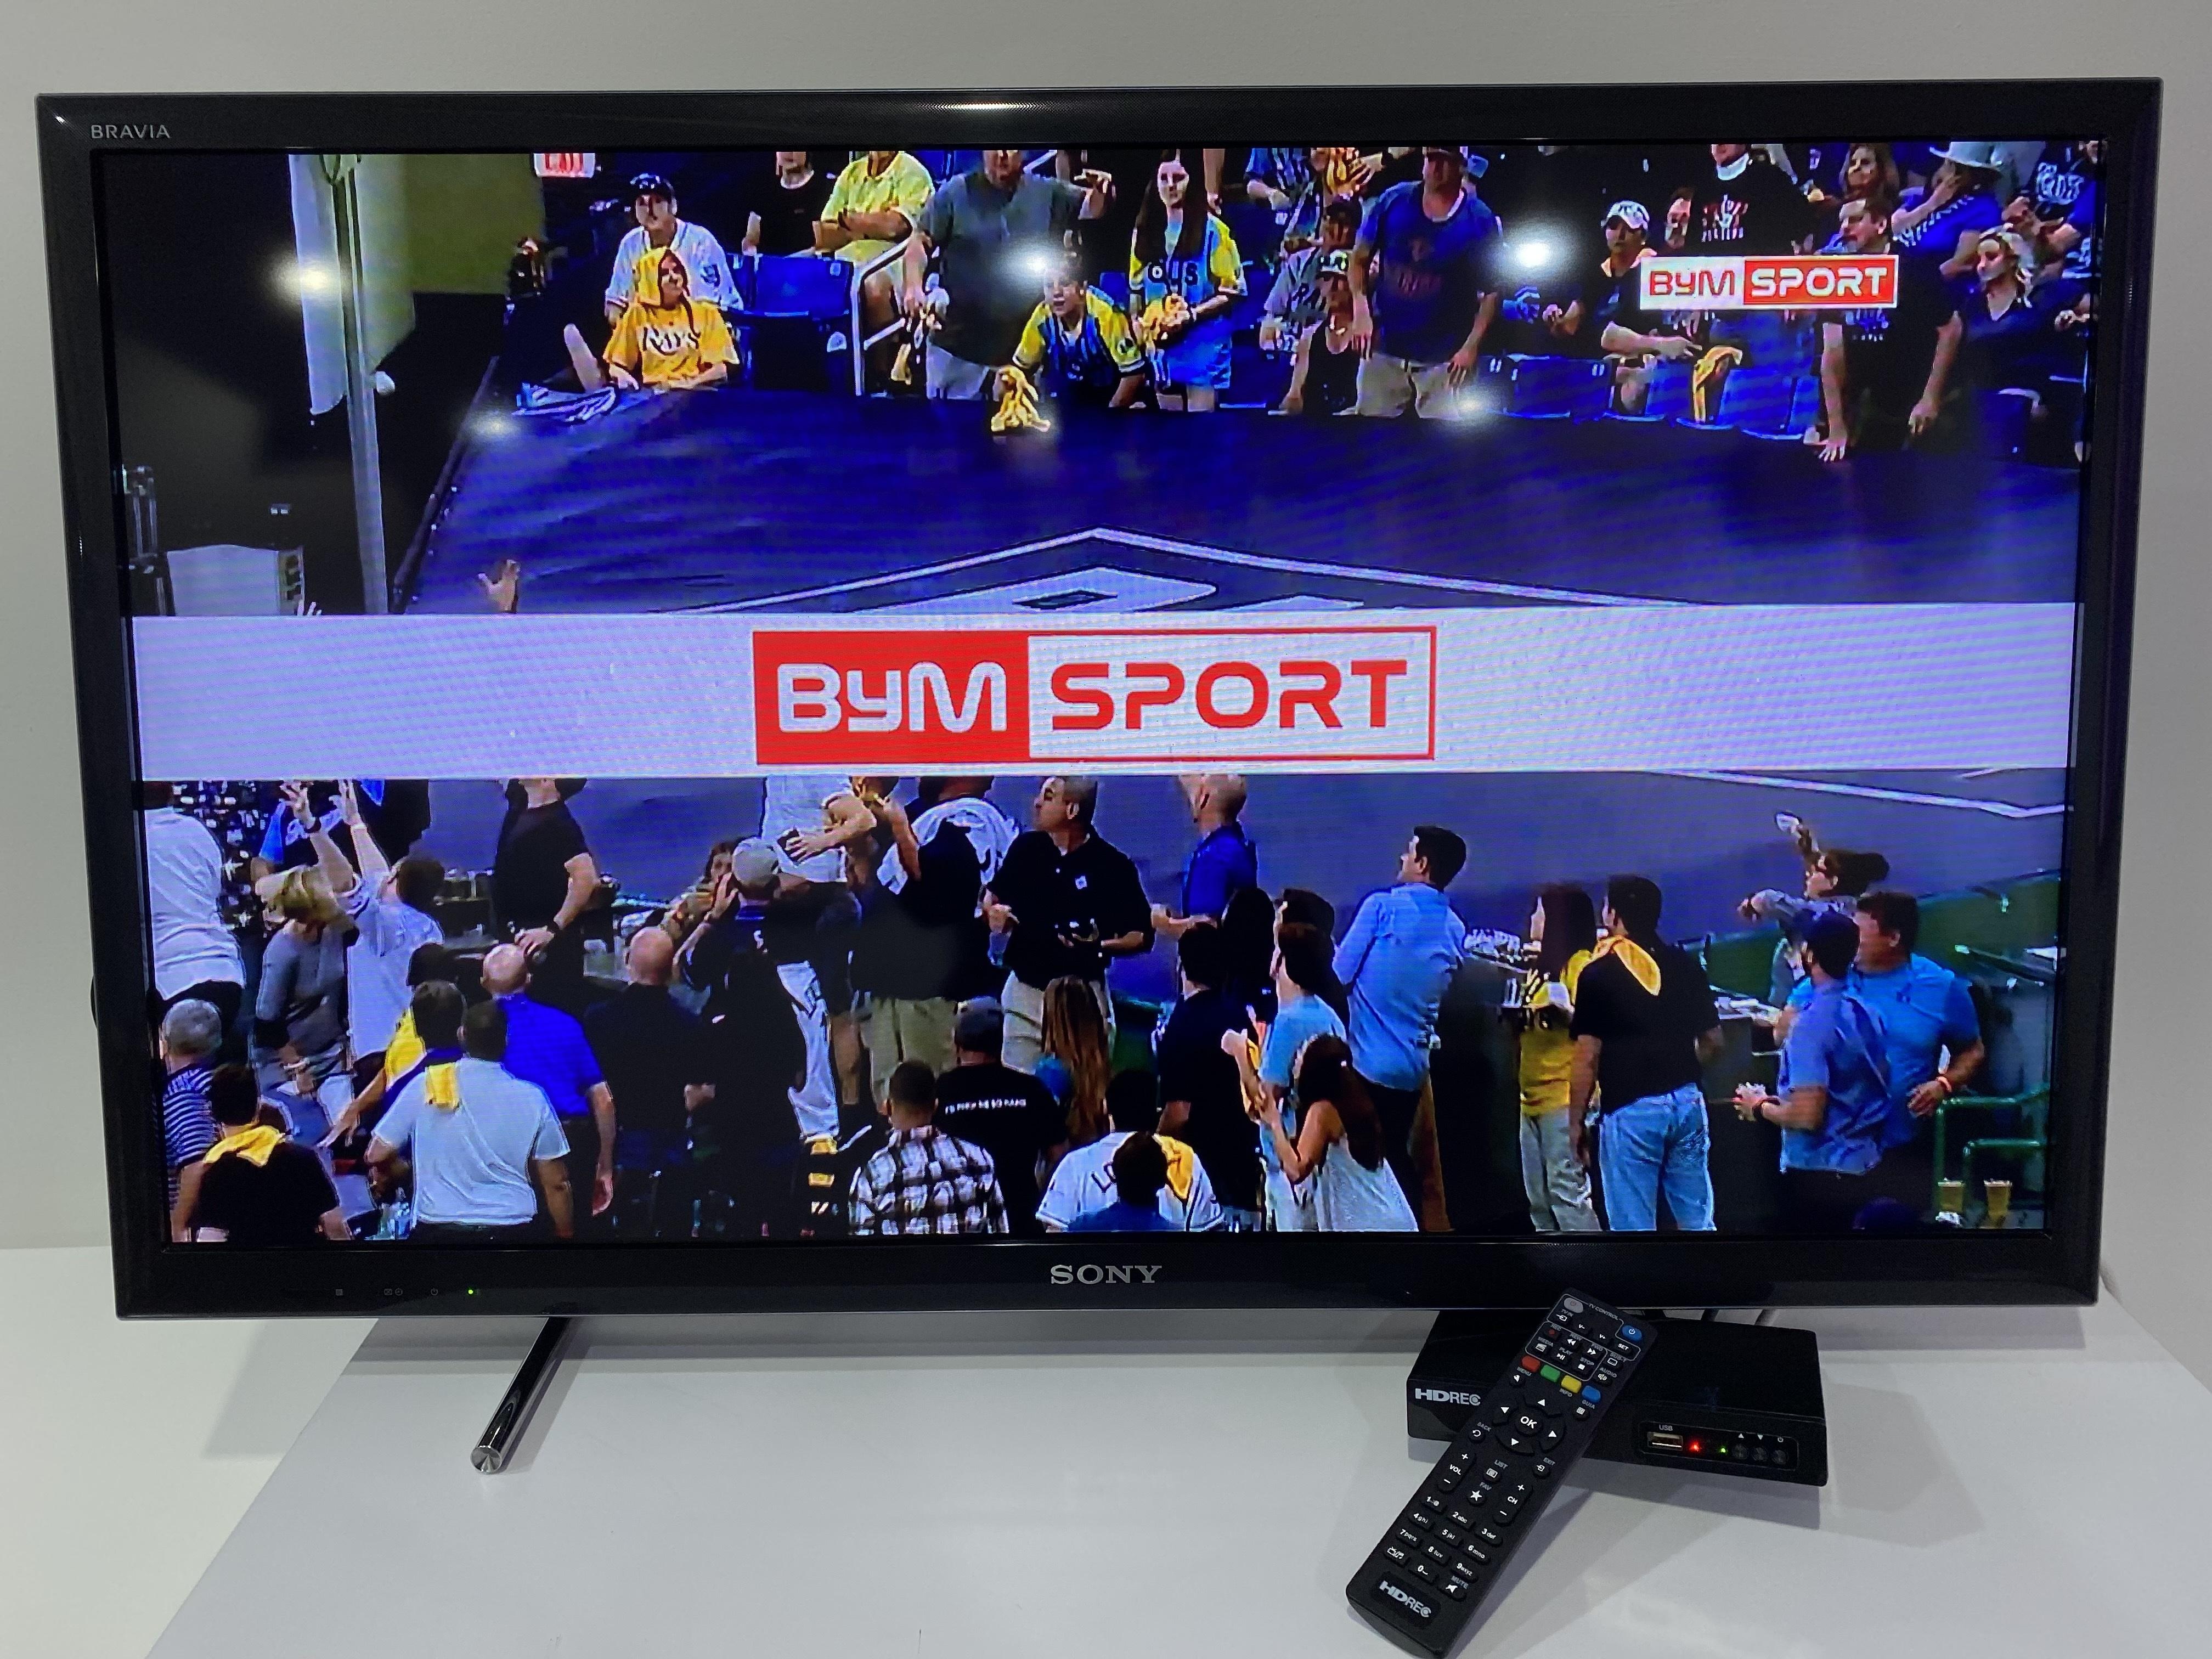 Suscríbete antes del 30 de junio y disfruta ByM Sport sin costo por dos meses a mitad de precio